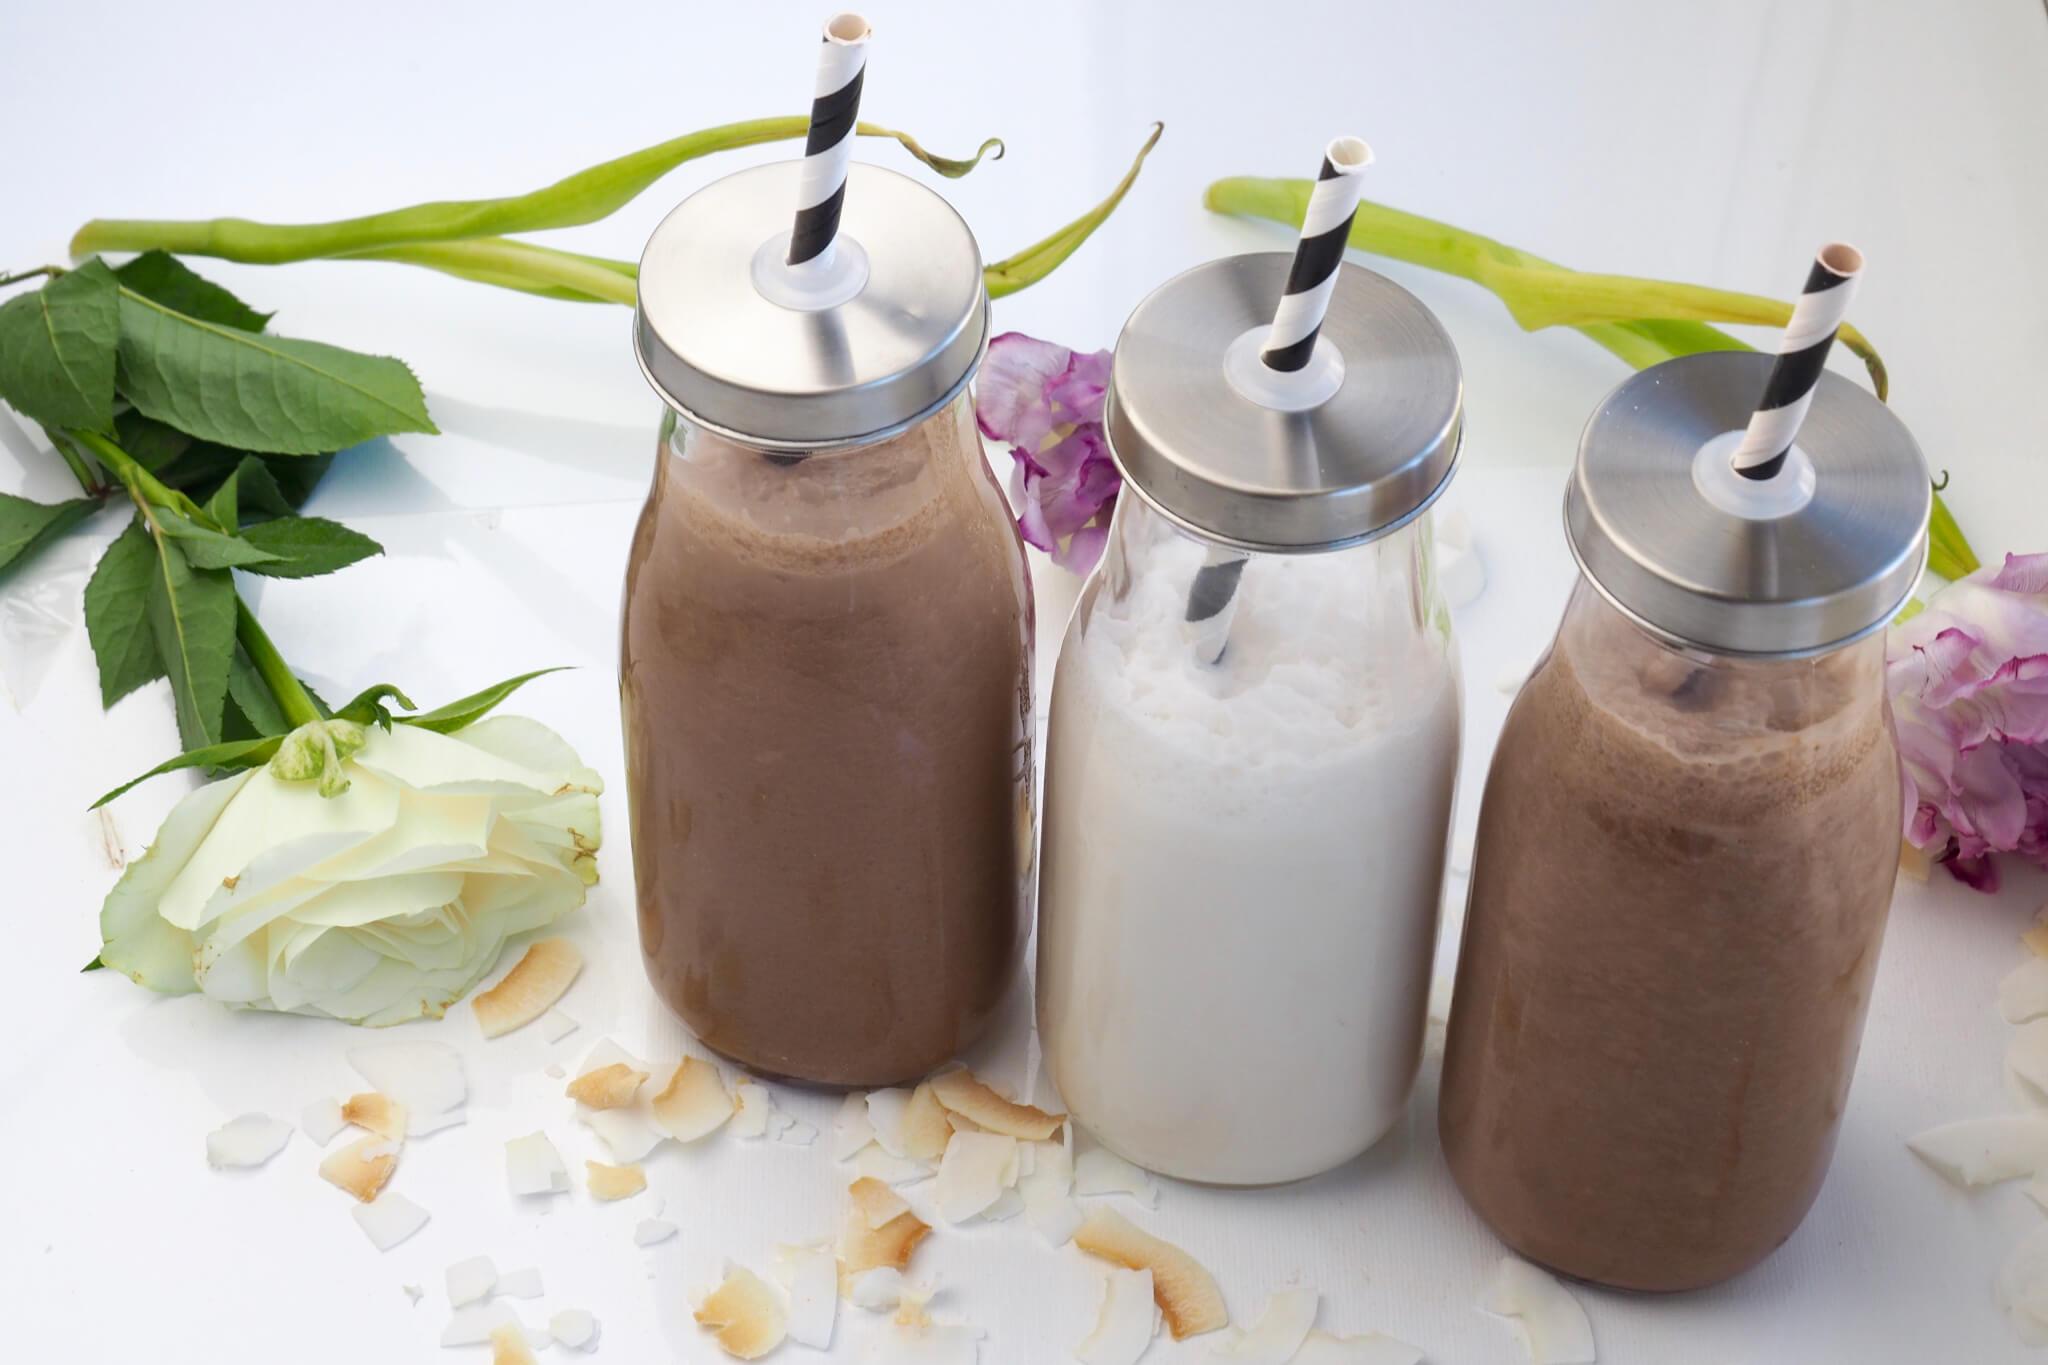 chokladmjölk